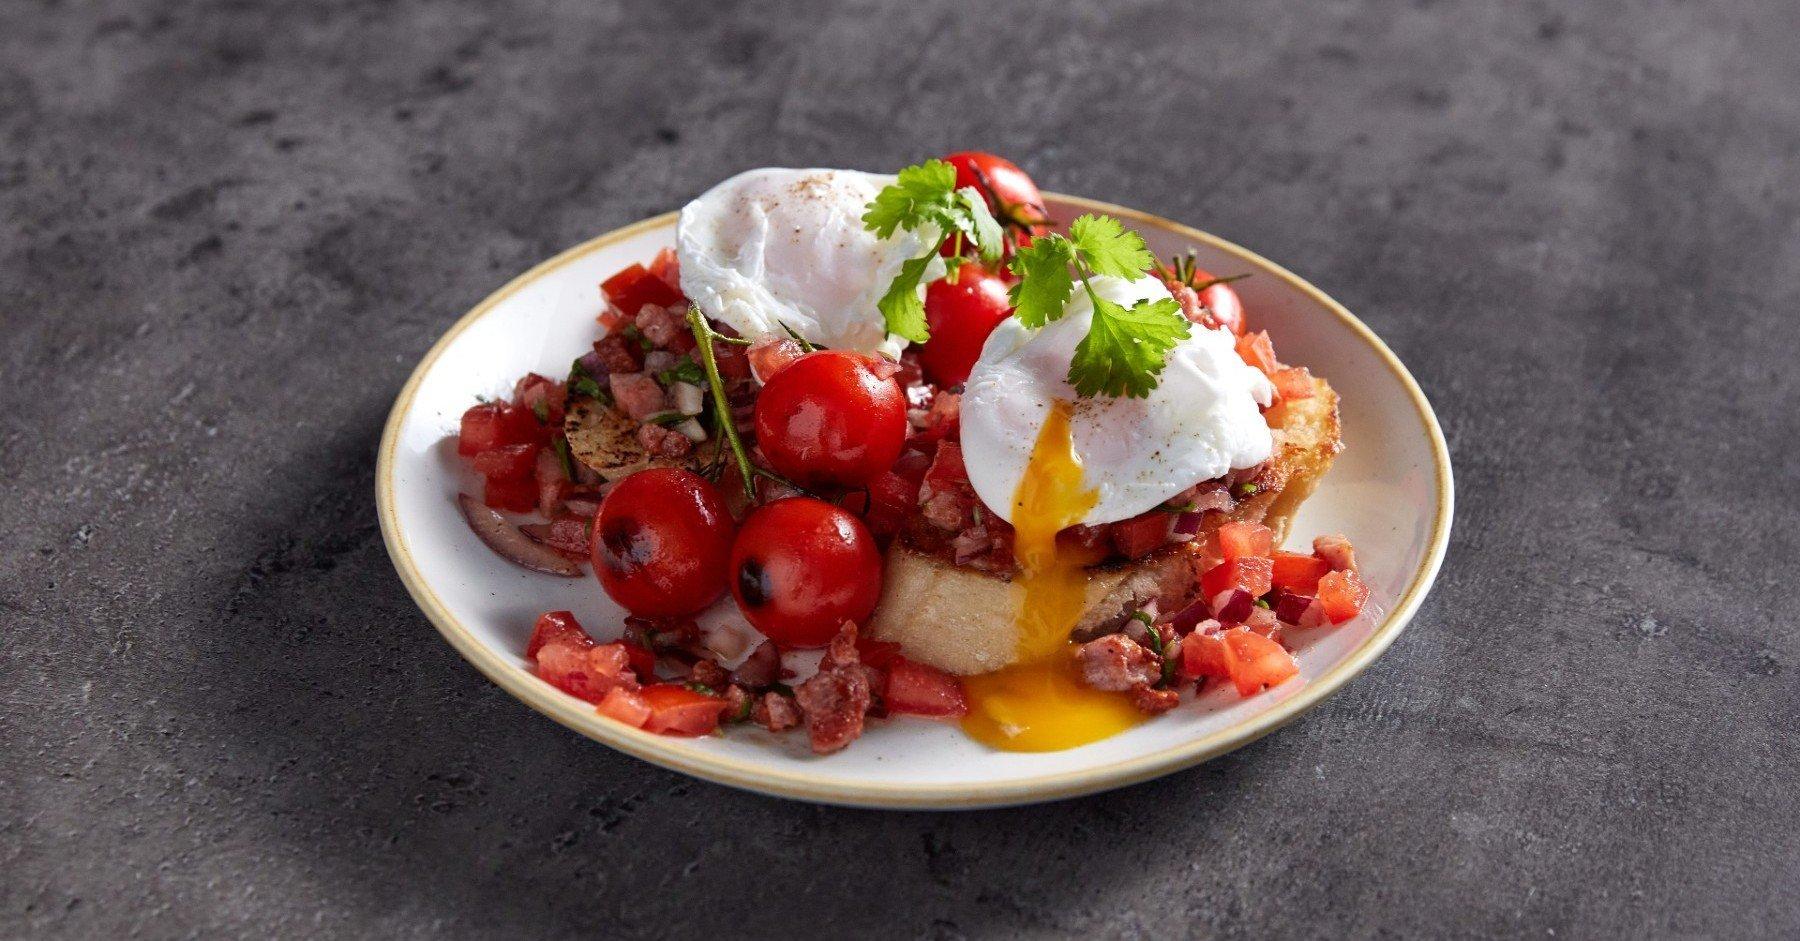 Брускетта на завтрак I Необычное белковое блюдо